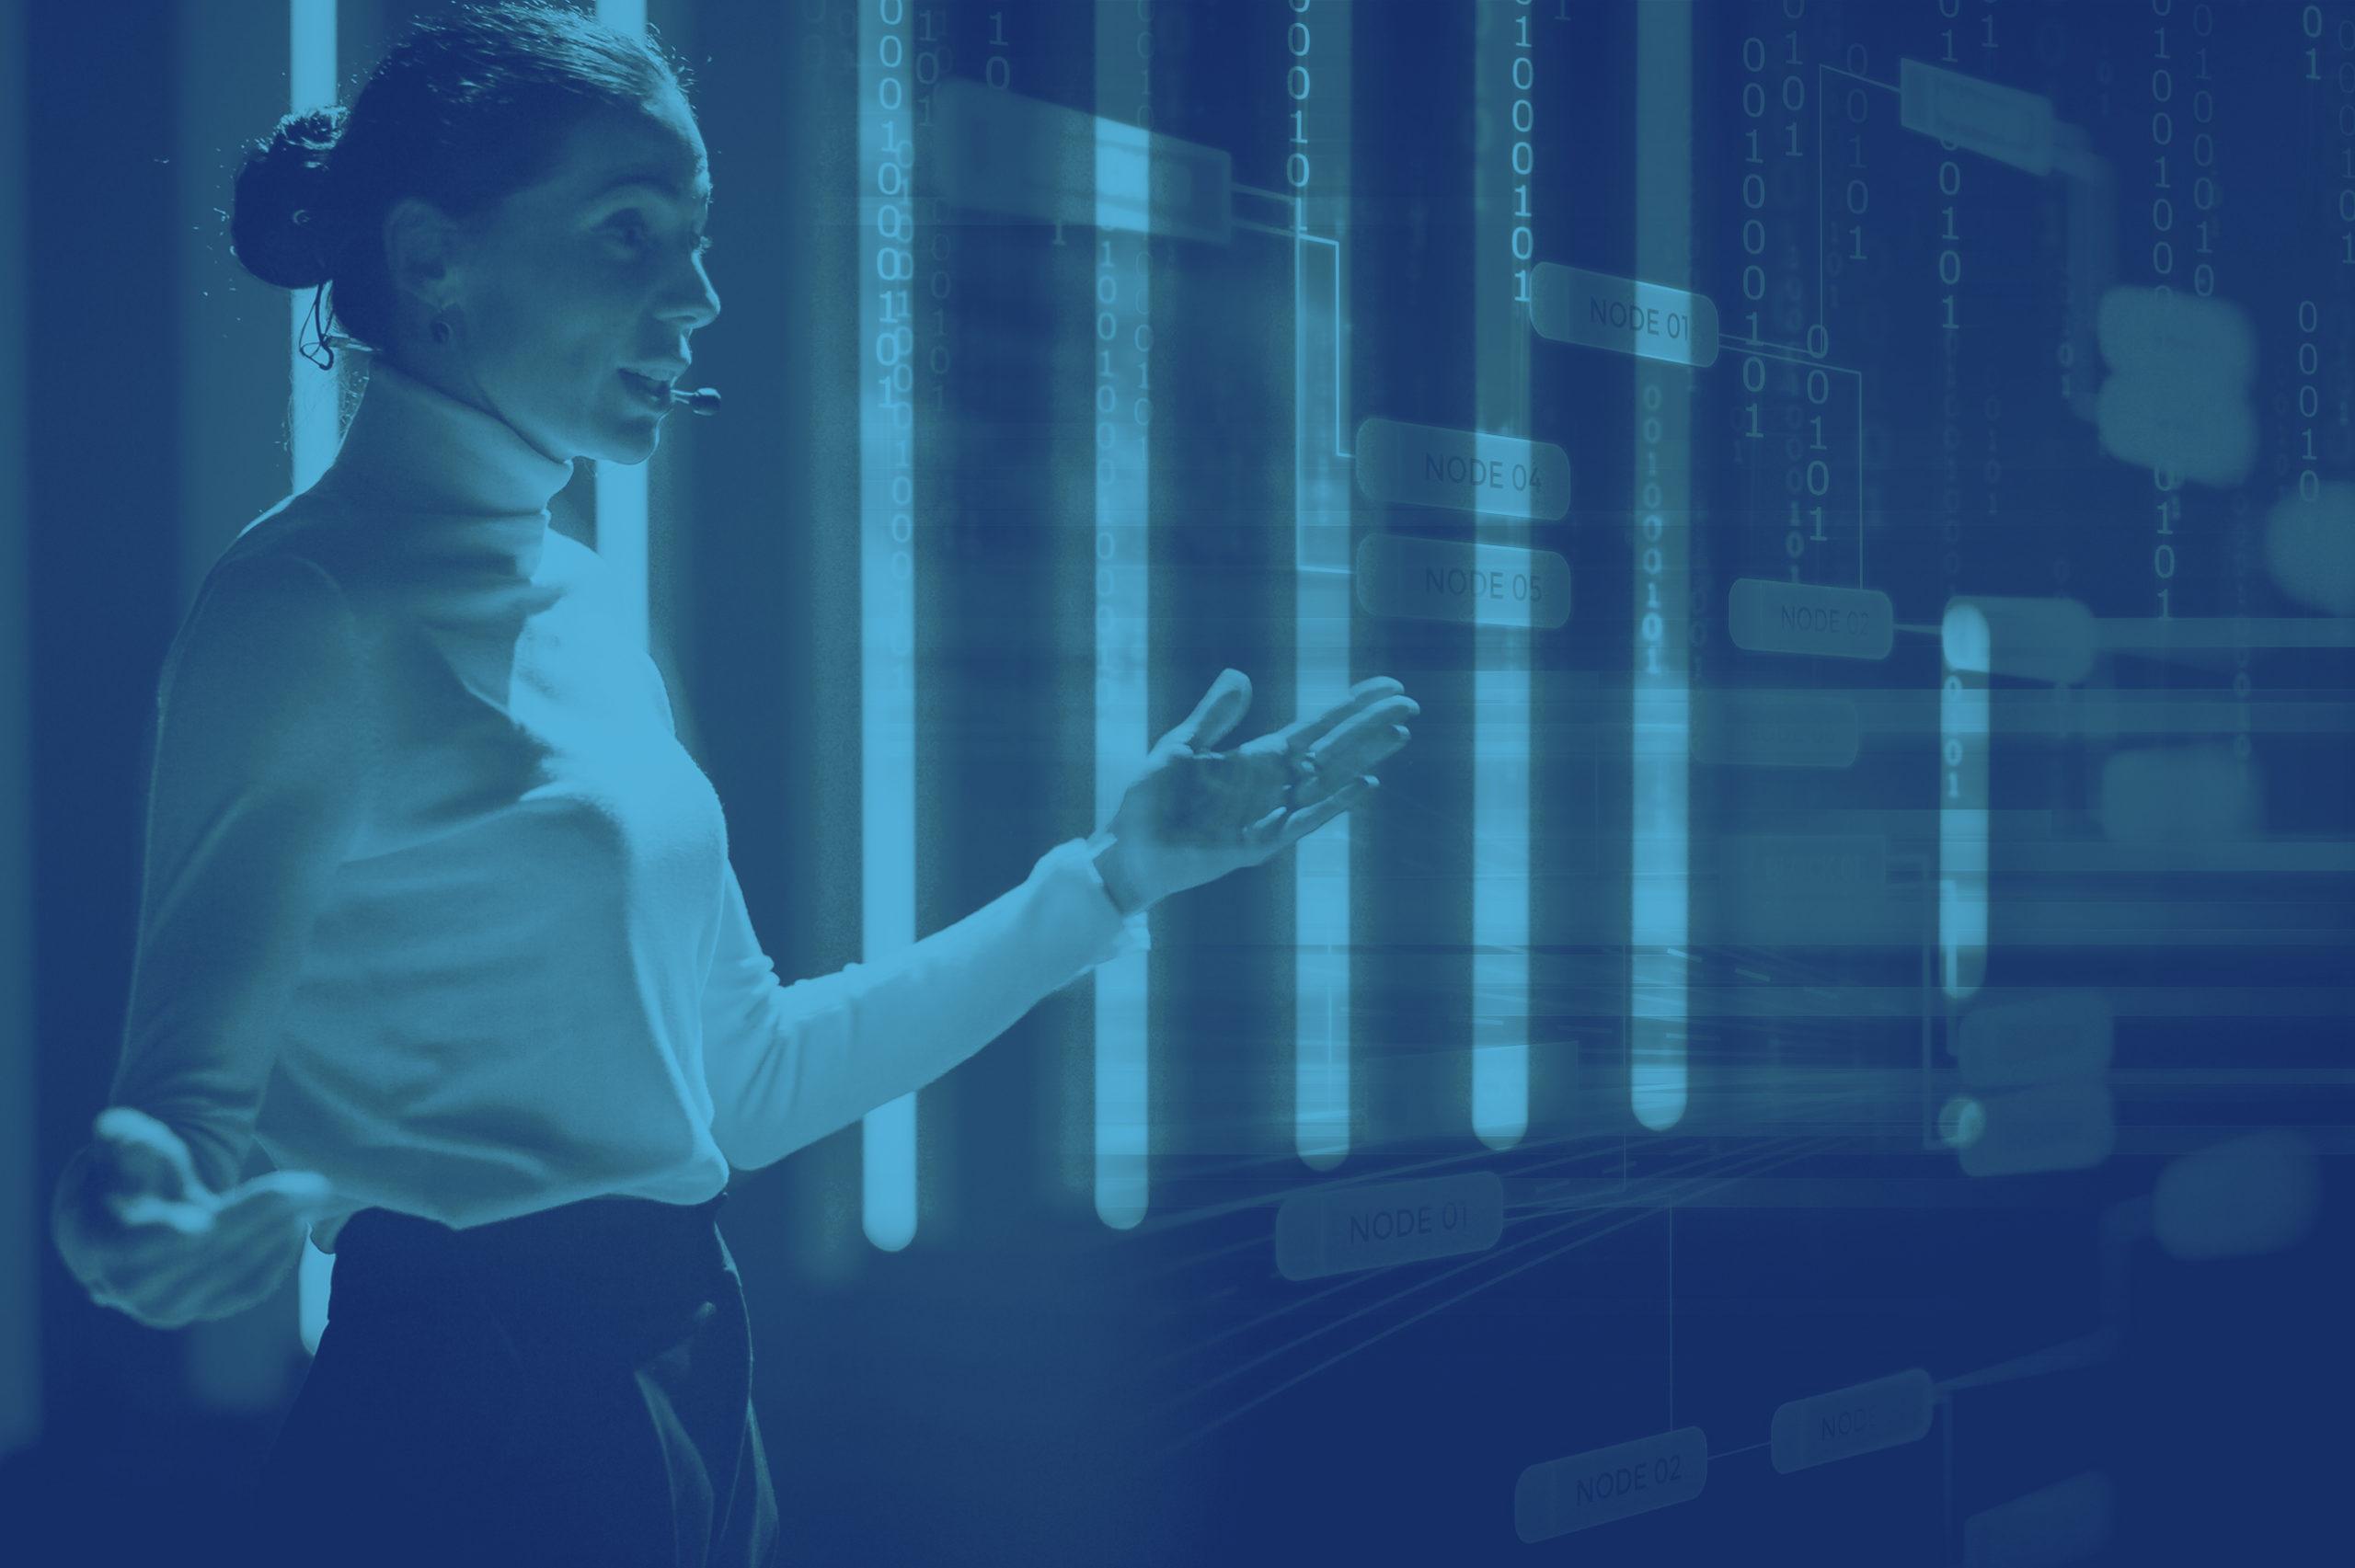 O Futuro dos Eventos: Híbrido e Data-Driven